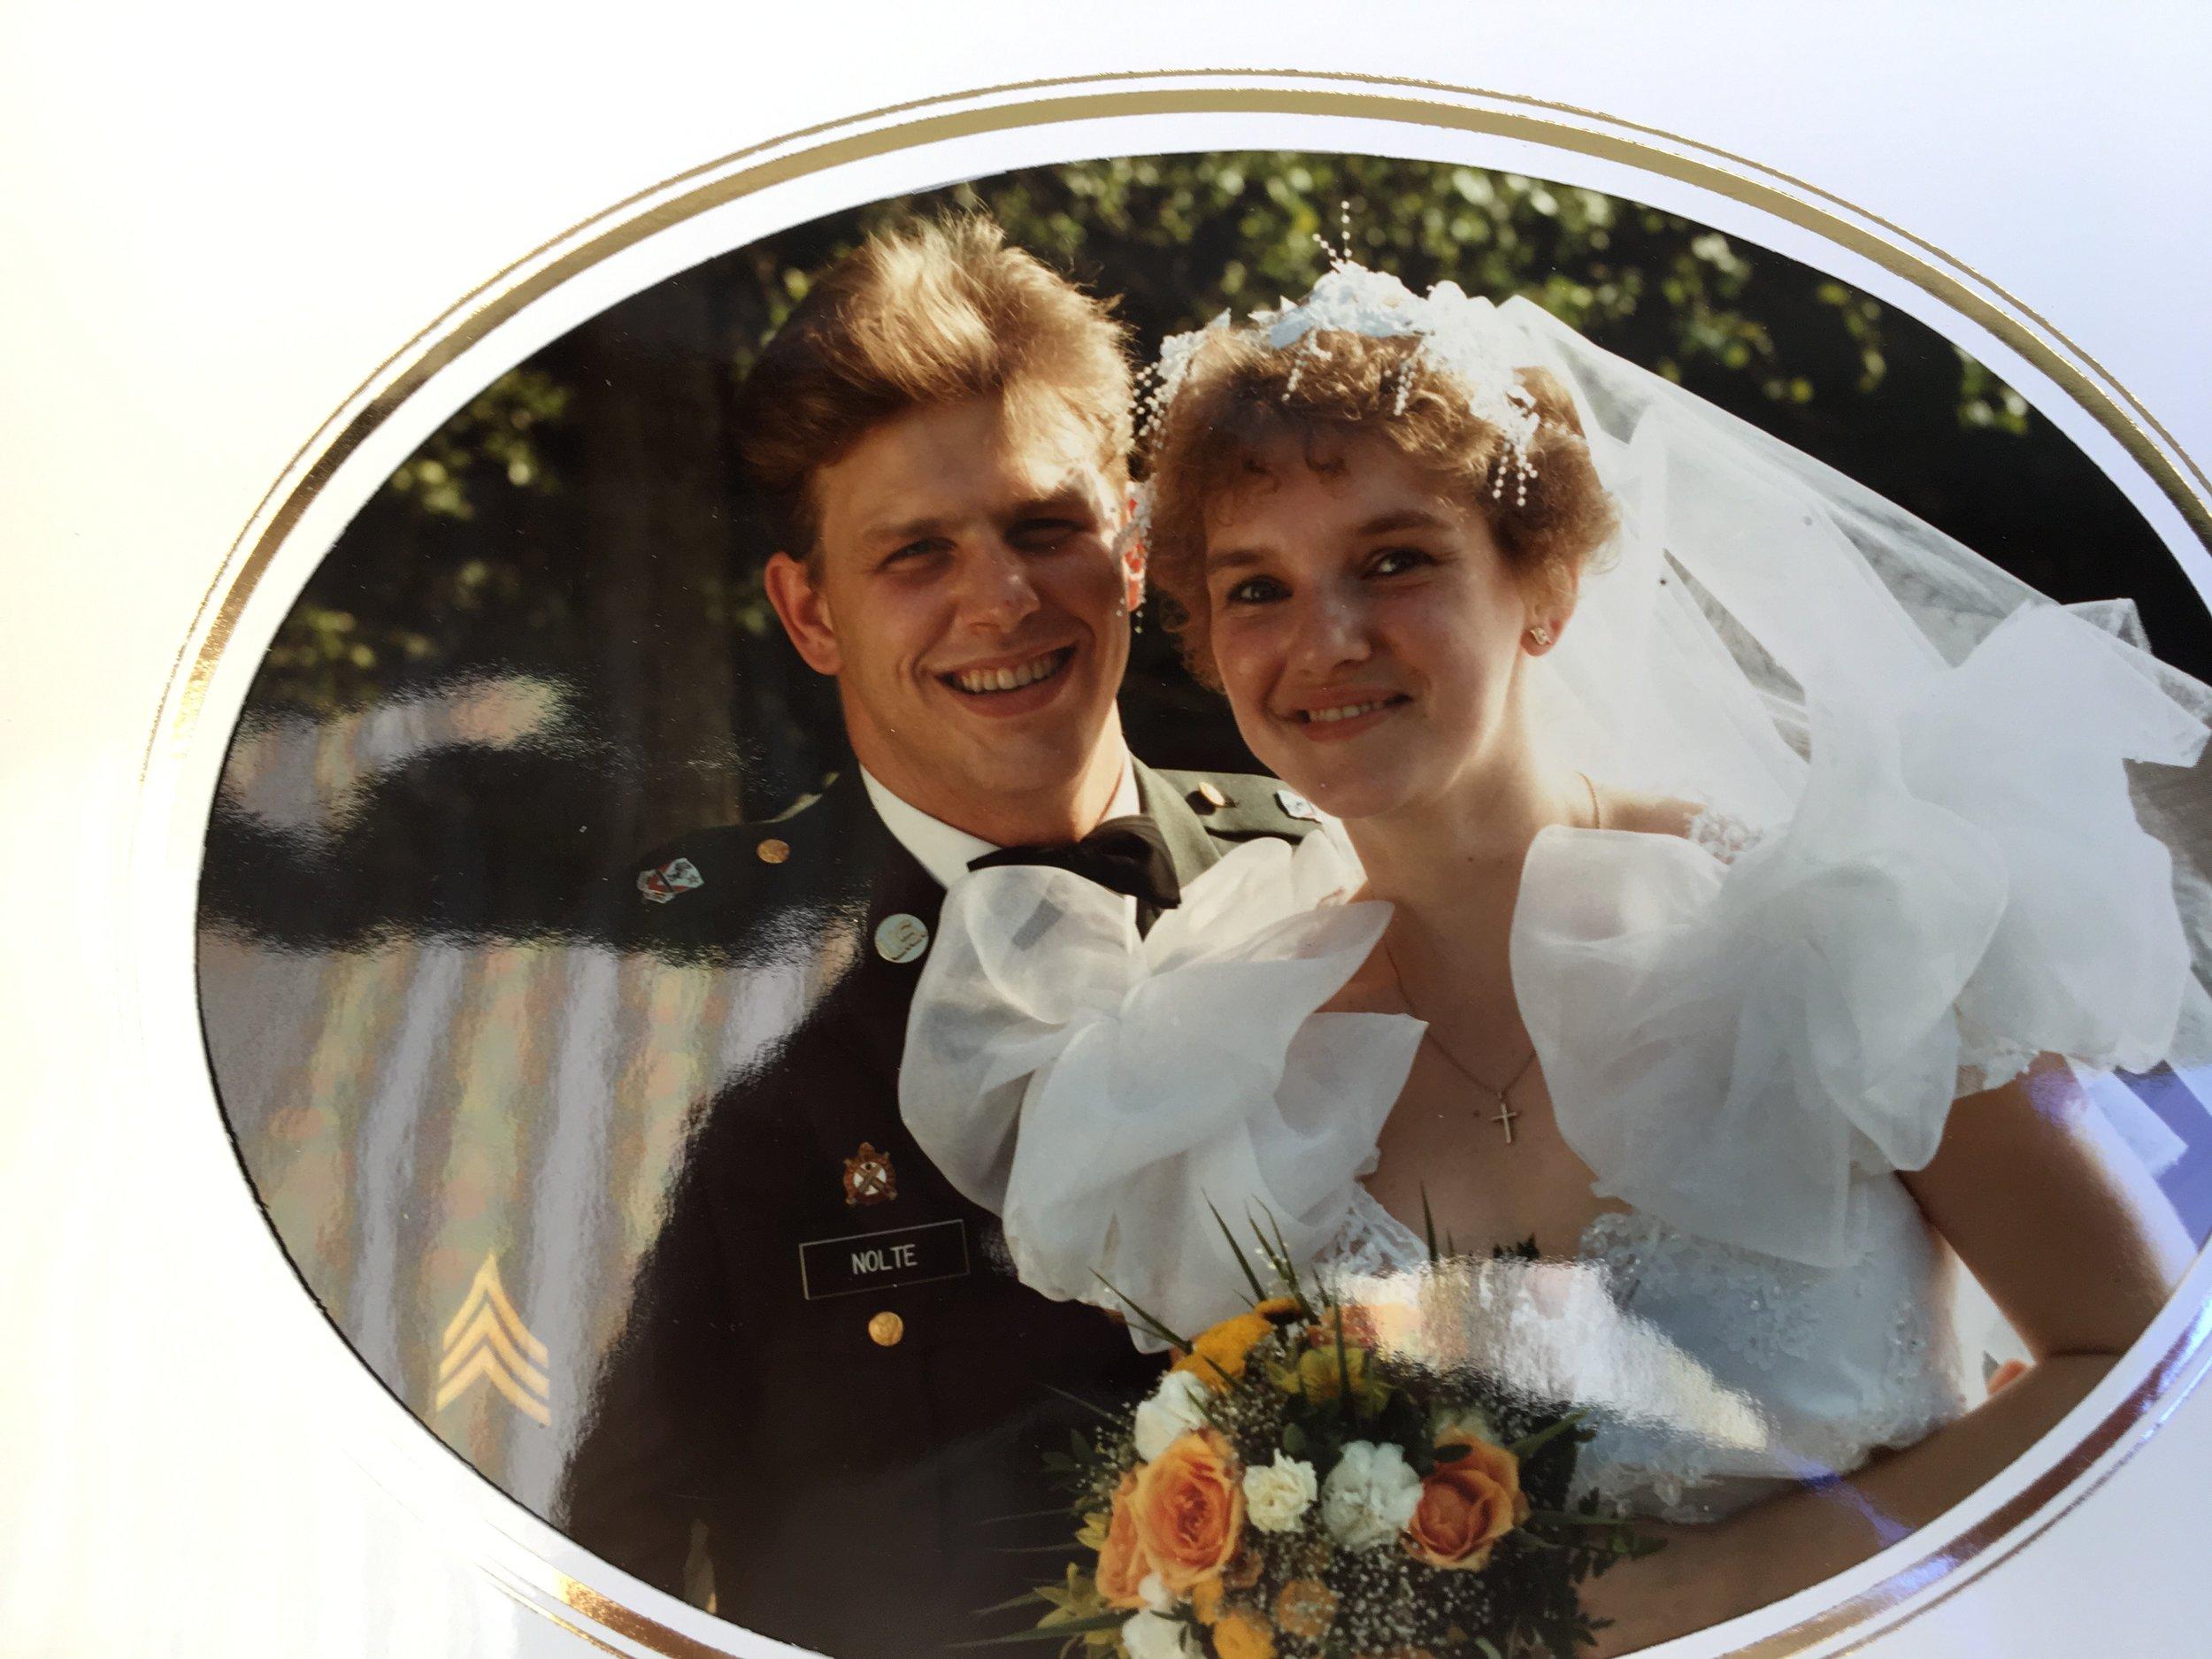 Nick and Gerlinda Nolte